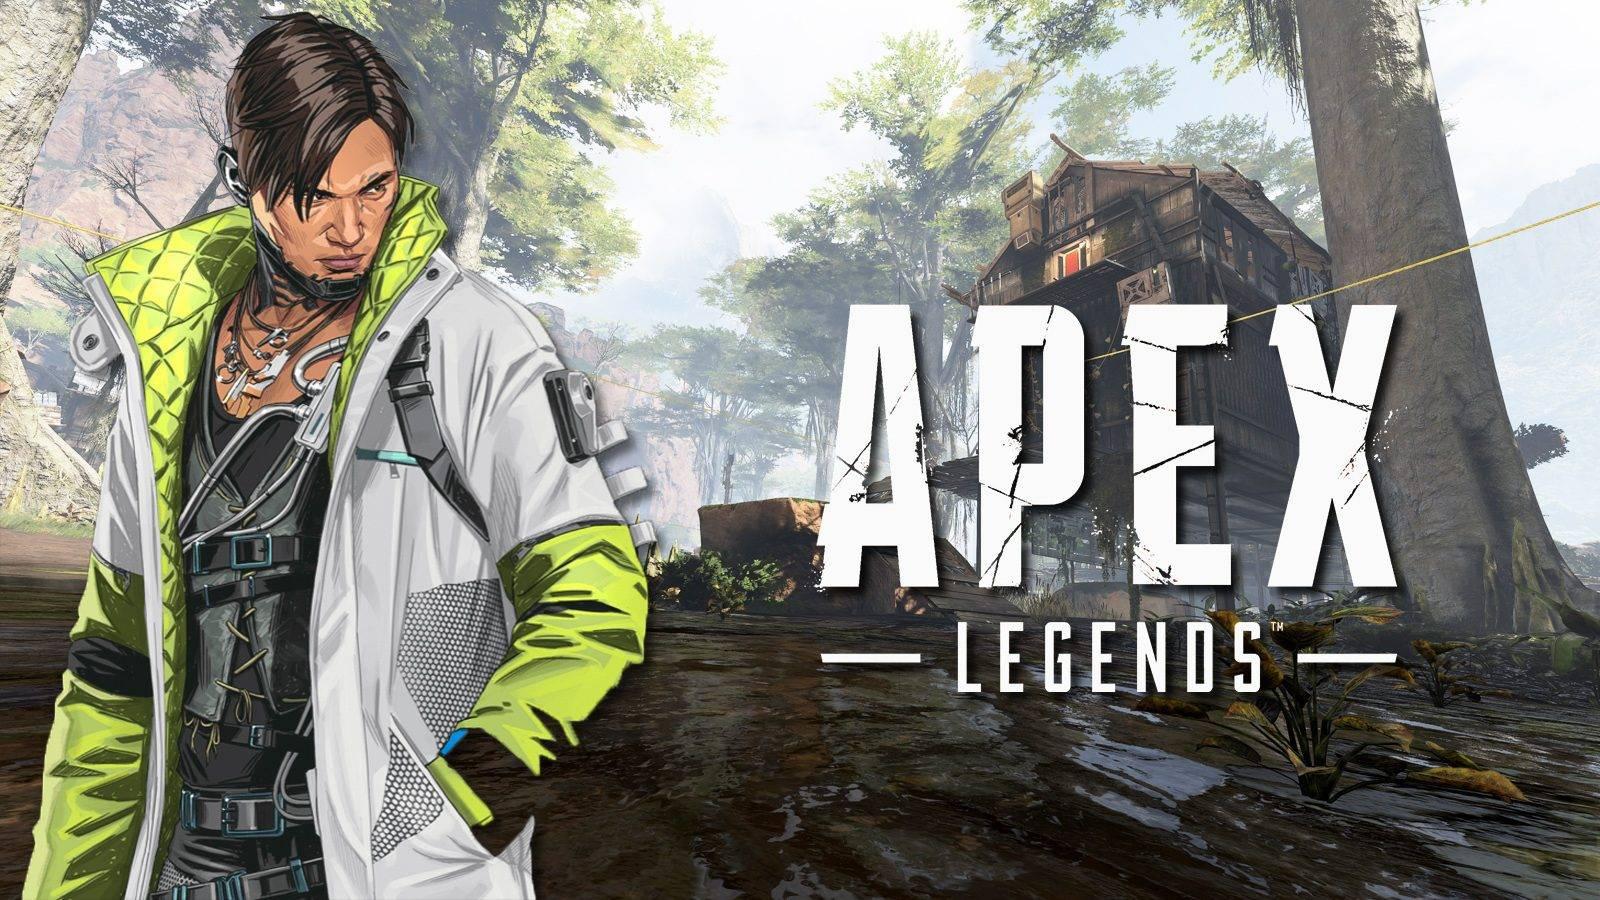 Apex Legends | O código está localizado na base inferior dos alvos fictícios nos quais os jogadores podem praticar o tiro e foi descoberto no Reddit .